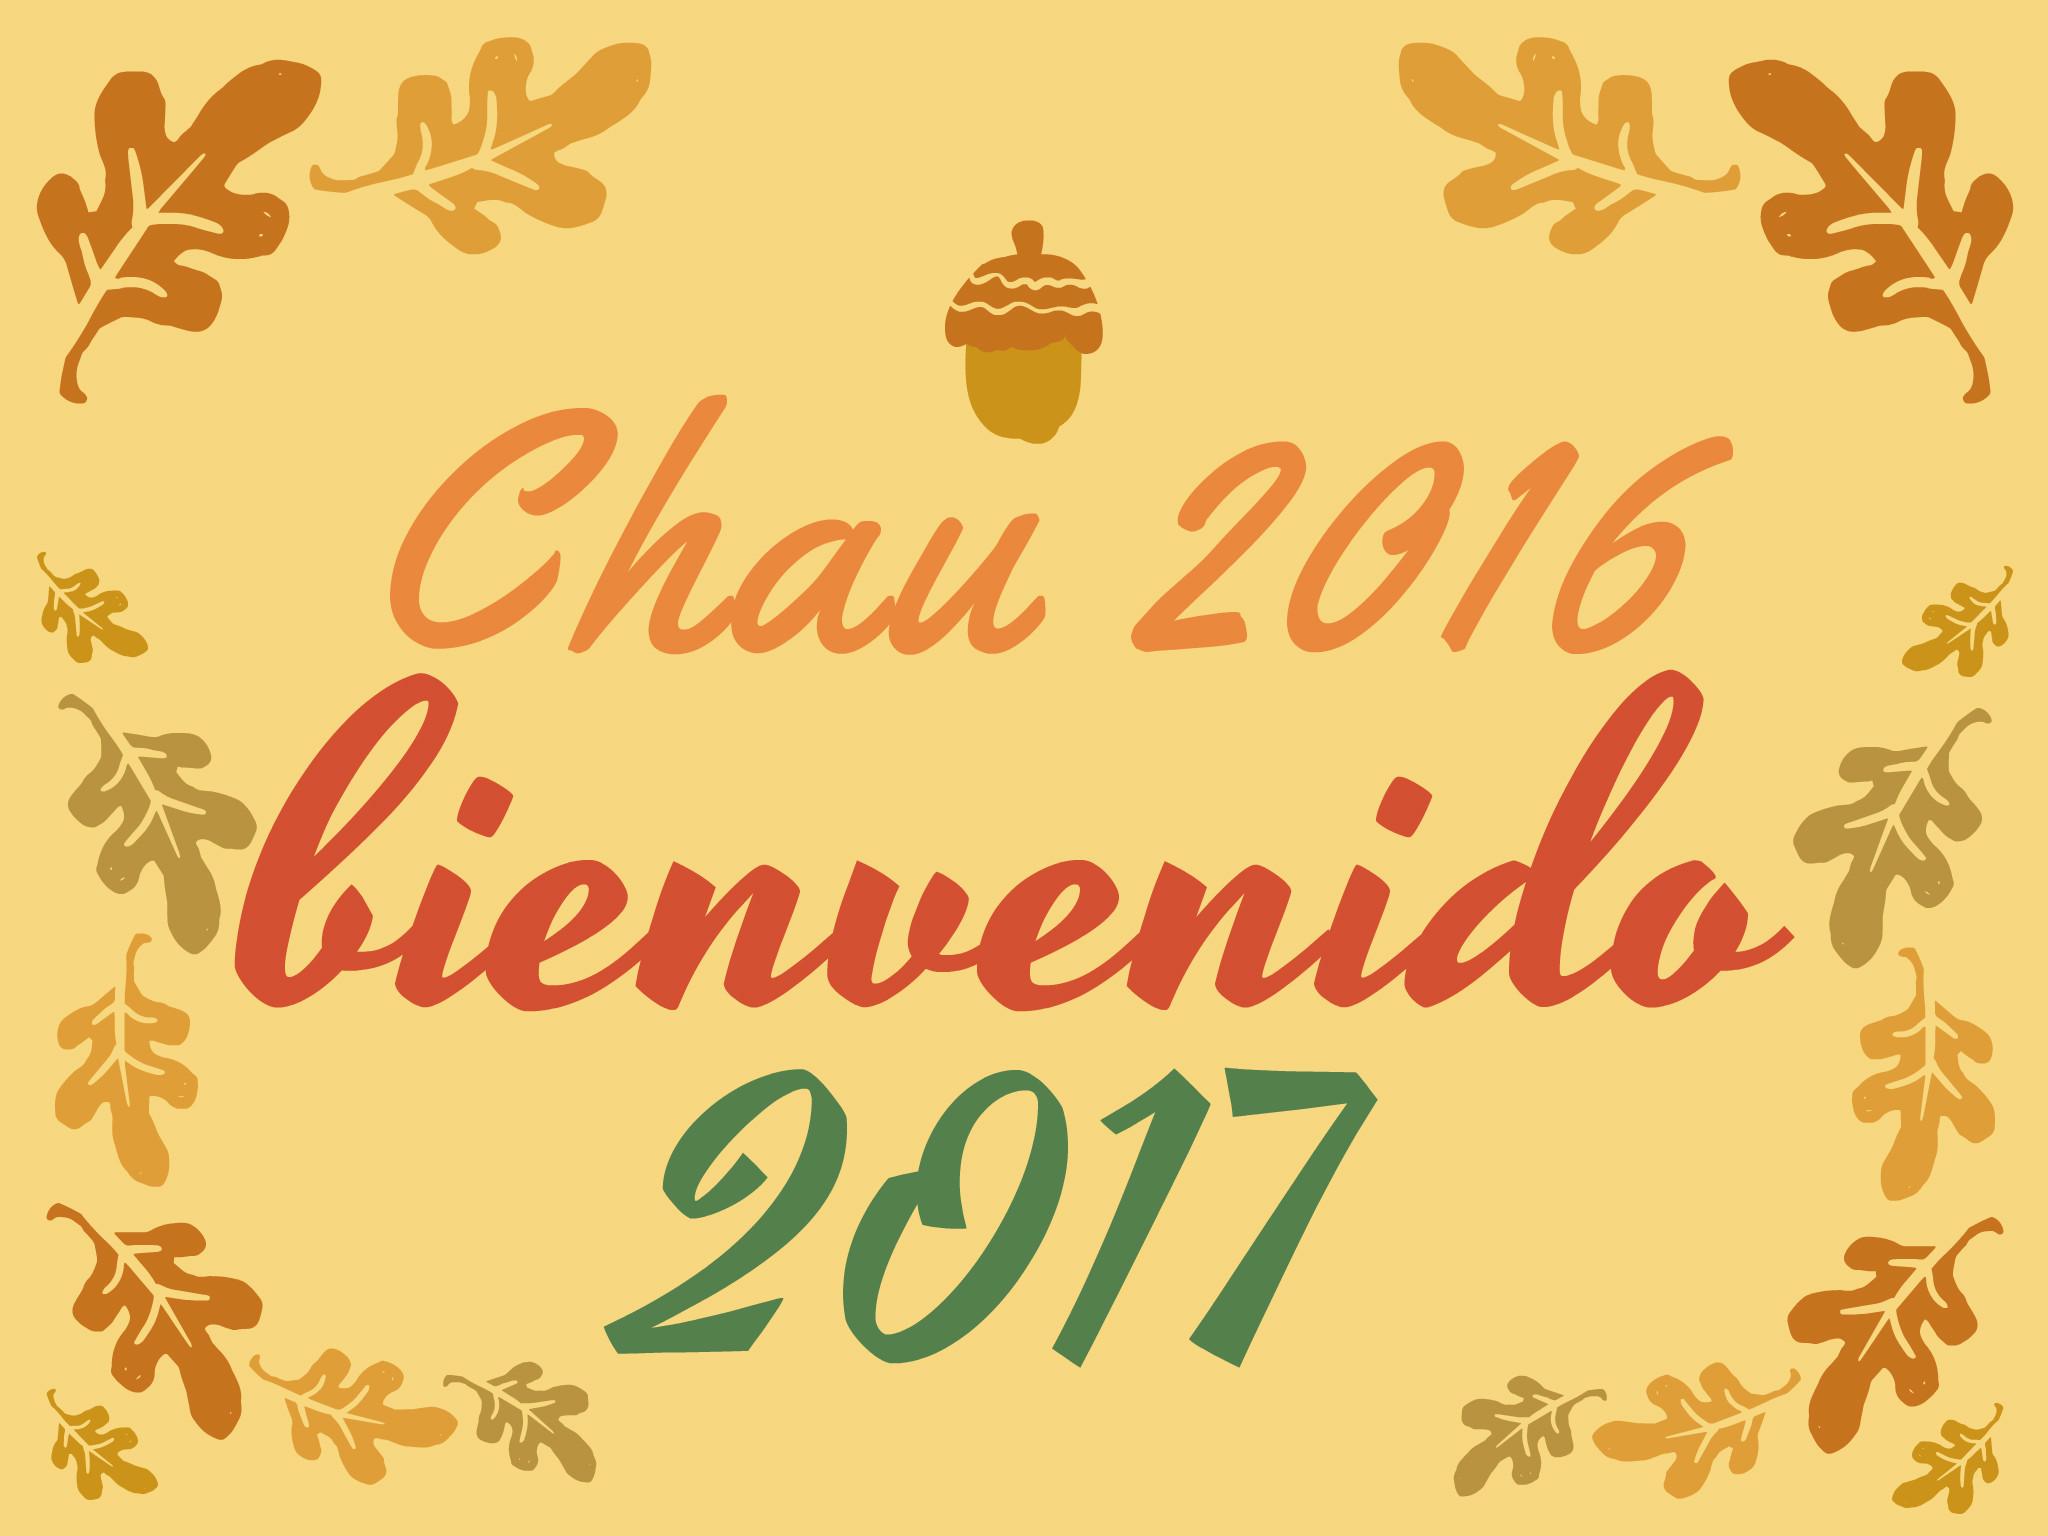 Imagenes chau 2016 bienvenido 2017